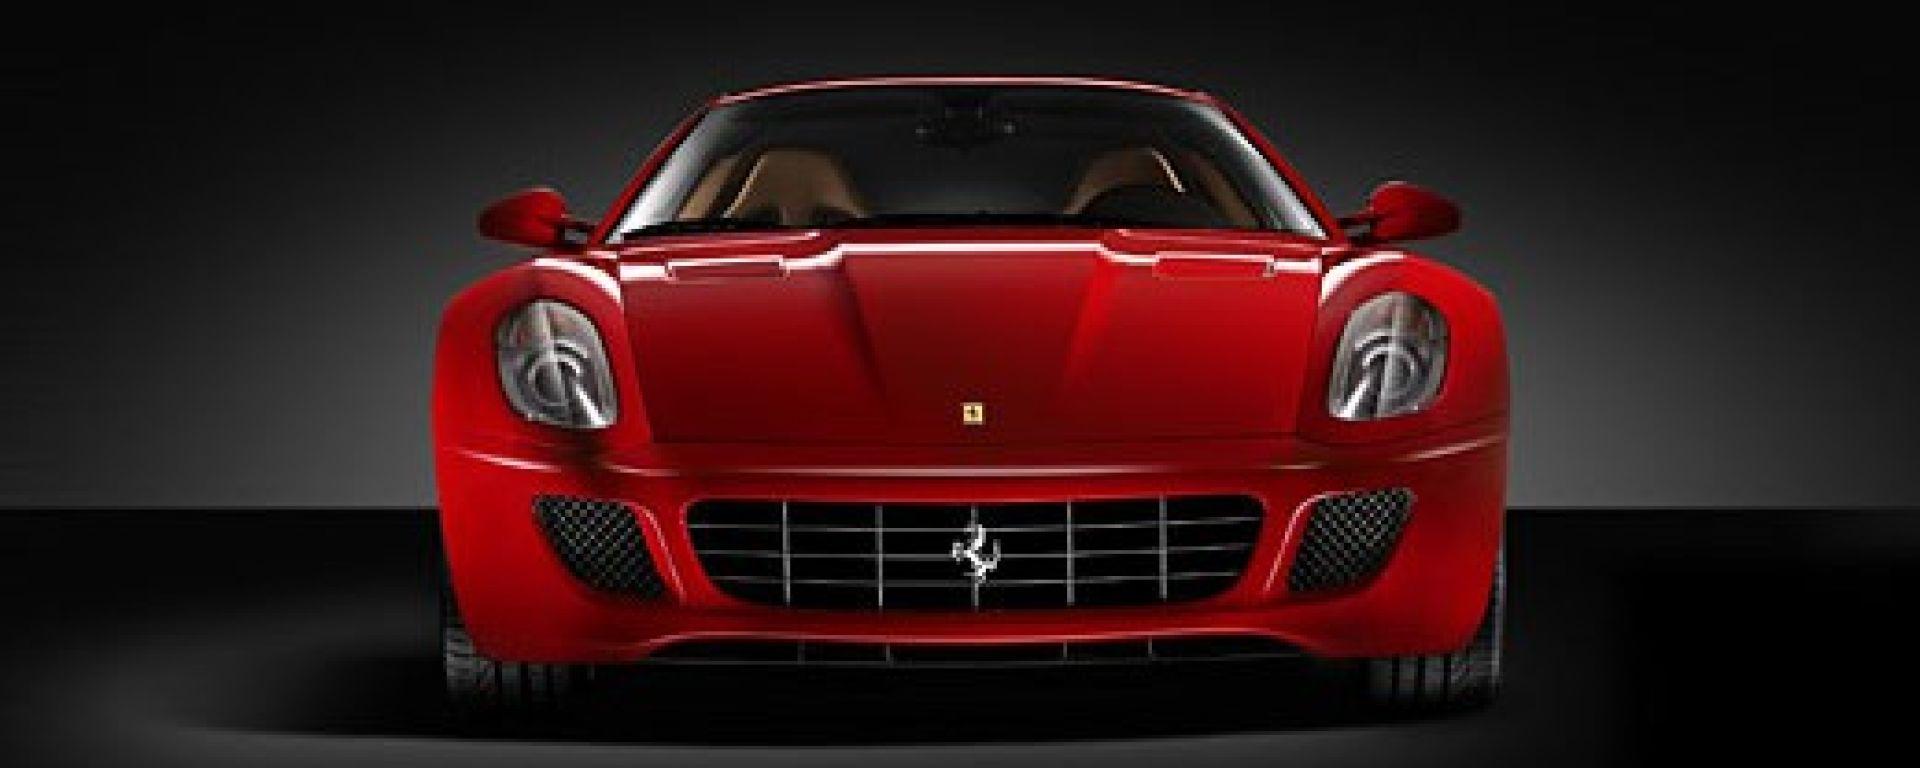 Ferrari F599 GTB Fiorano: le nuove immagini